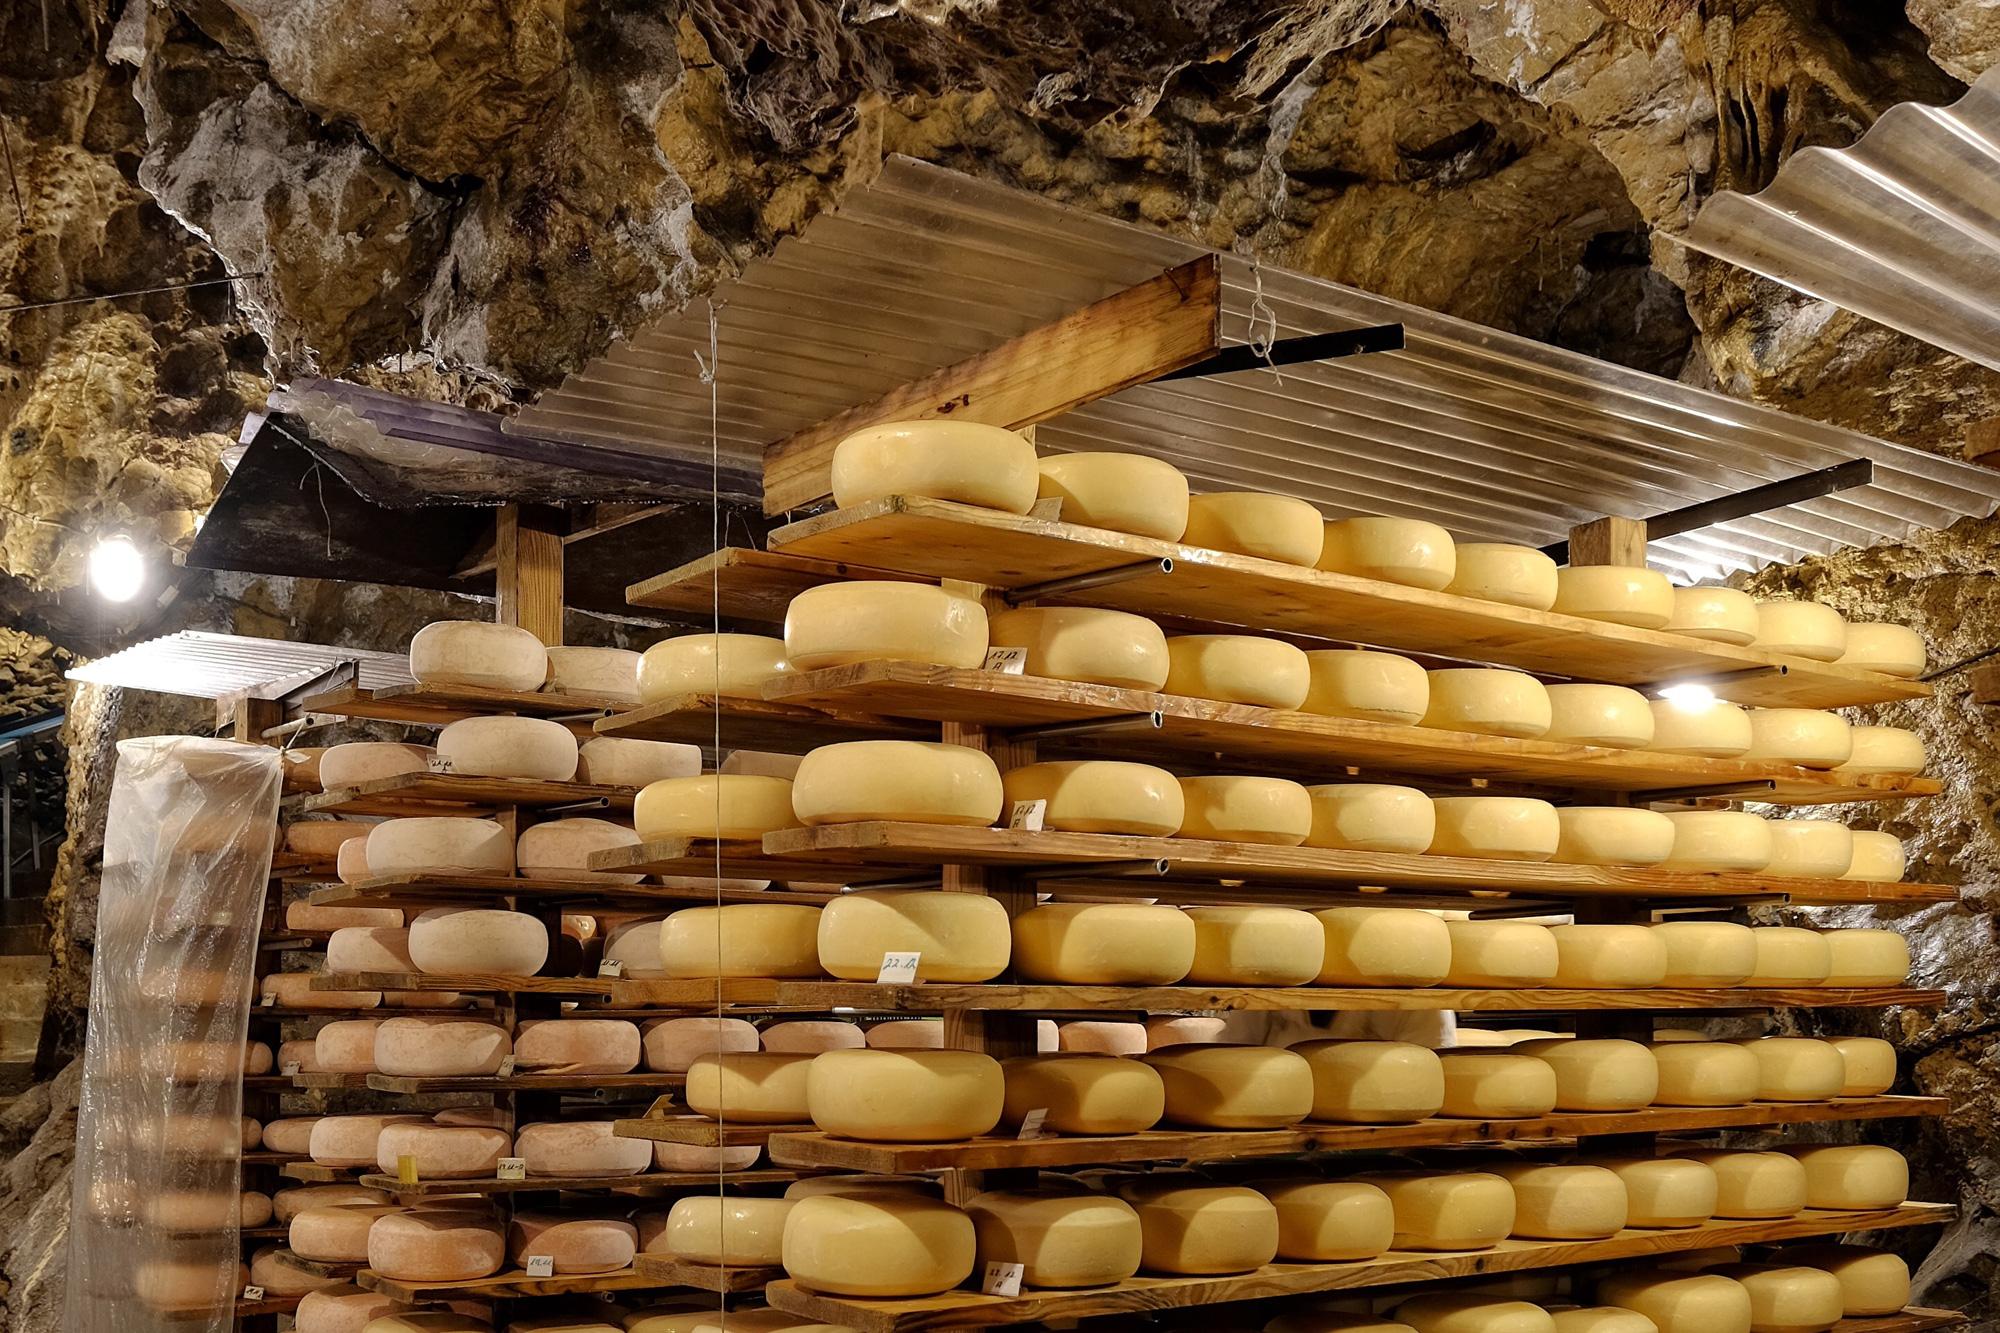 Atta-Käse Das Original – In Der Tiefe Gereift